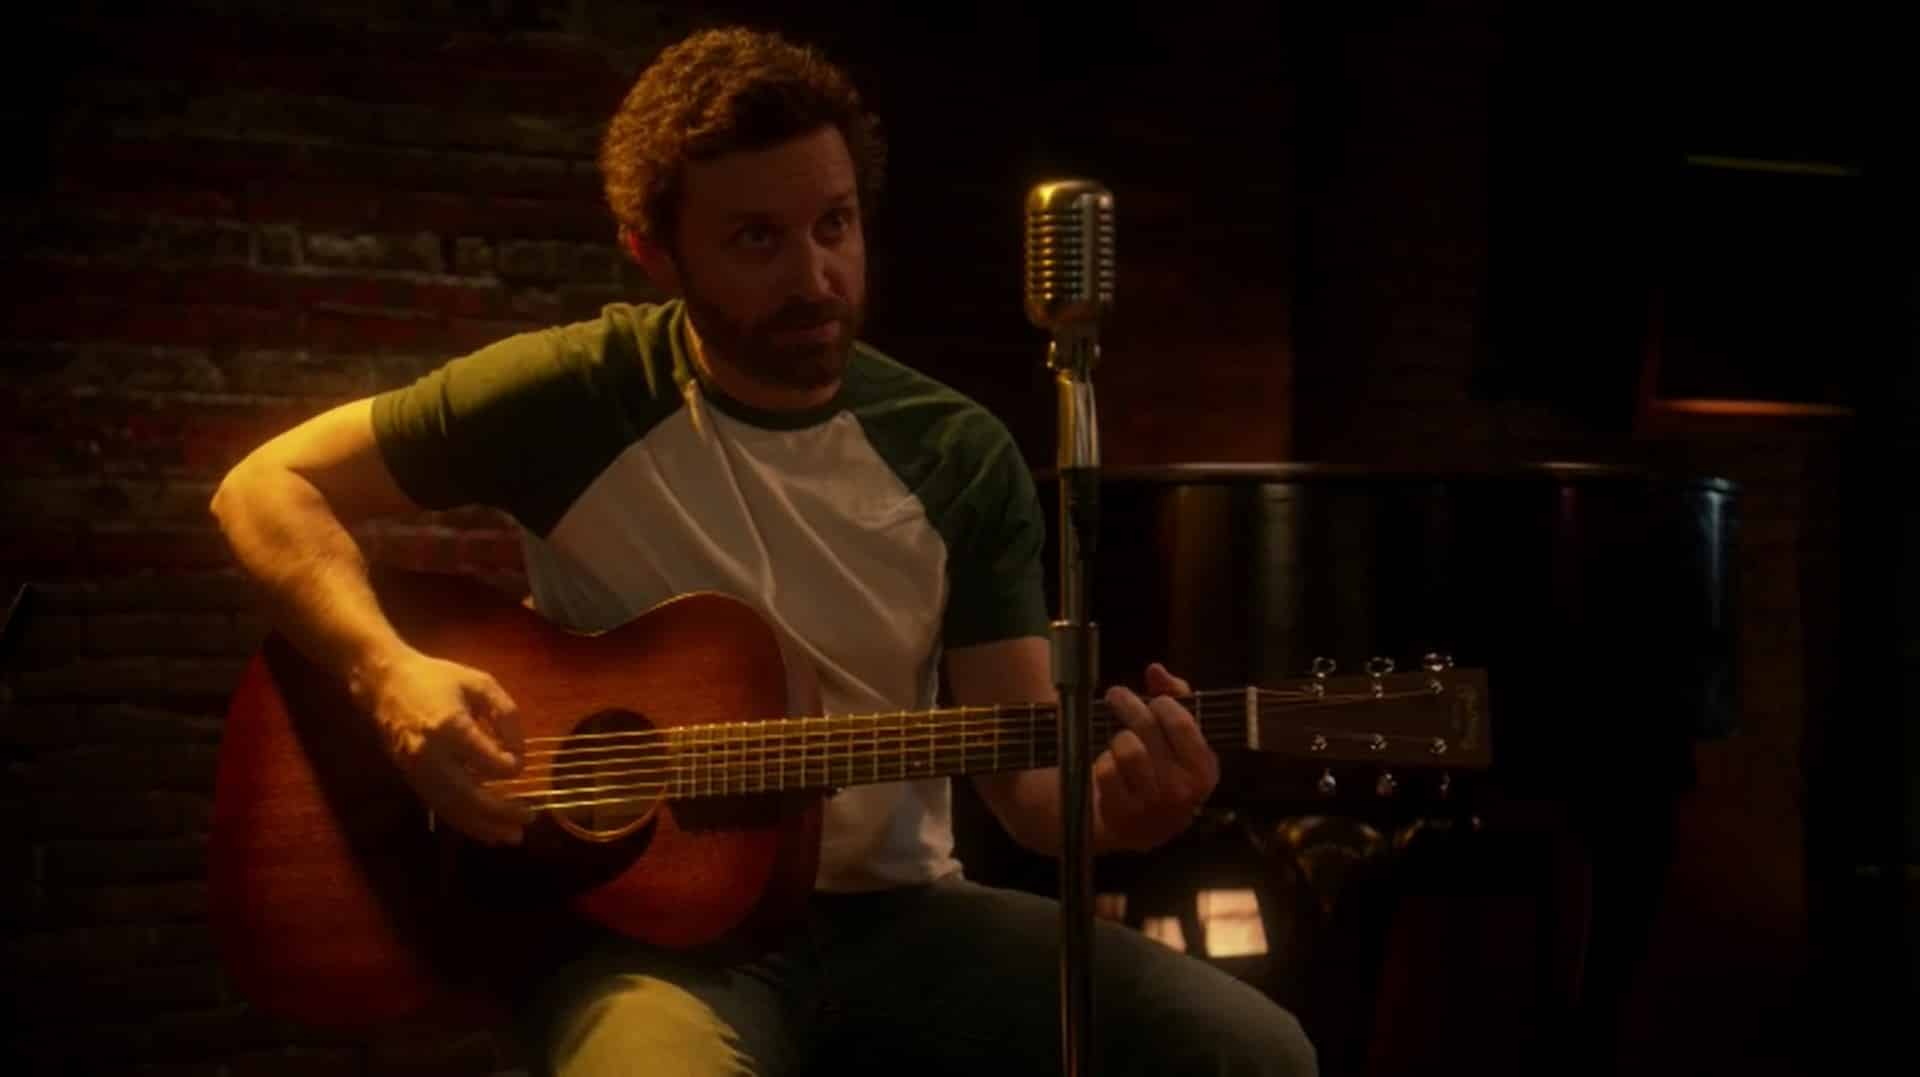 11x20-dont-call-me-shurley-god-chuck-playing-guitar